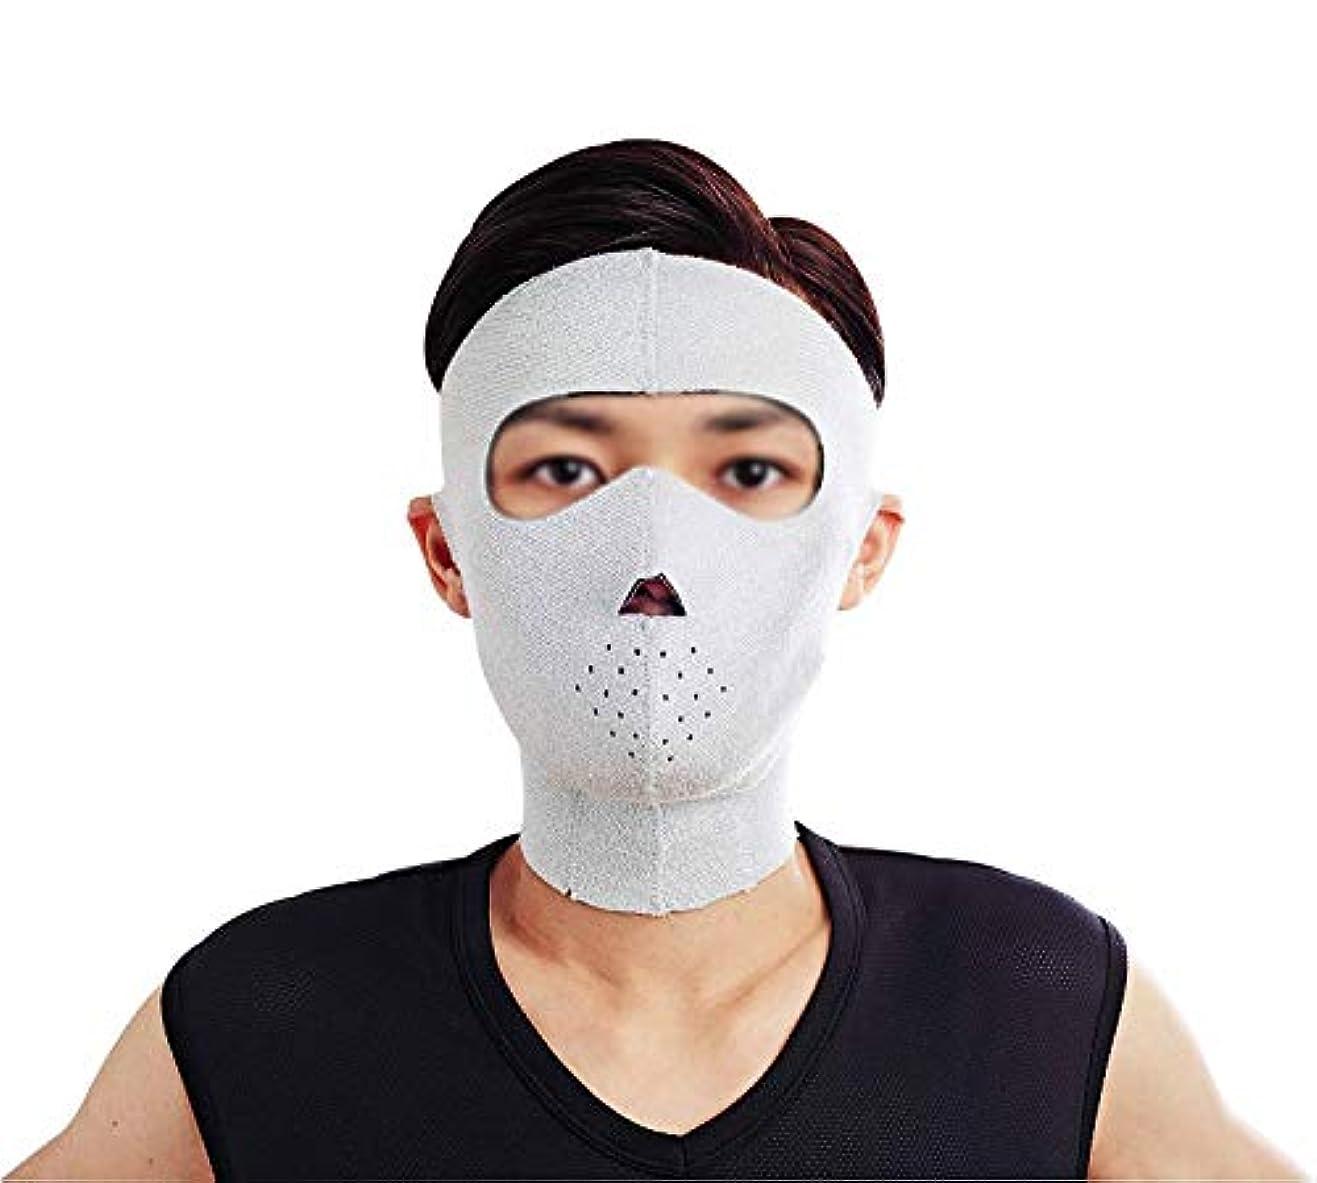 フィヨルド平手打ち支払うGLJJQMY 薄い顔のマスクのマスクと男性のネックバンドとの垂れ下がり防止の薄い顔のマスクの薄い顔のマスクのアーチファクトの美しさを引き締め 顔用整形マスク